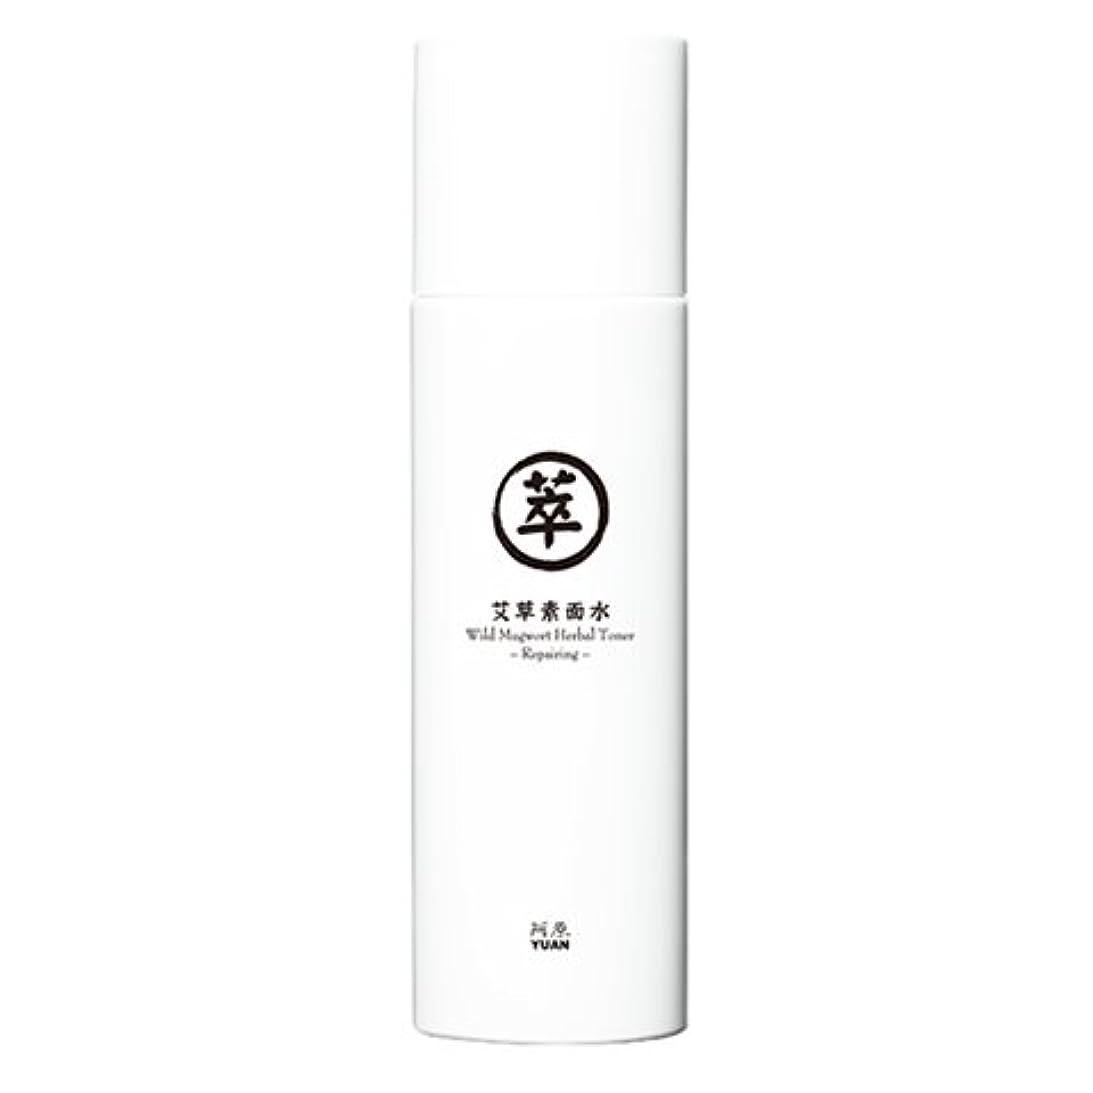 病んでいる入場流暢ユアン(YUAN)ヨモギ化粧水 150ml(阿原 ユアンソープ 台湾コスメ)